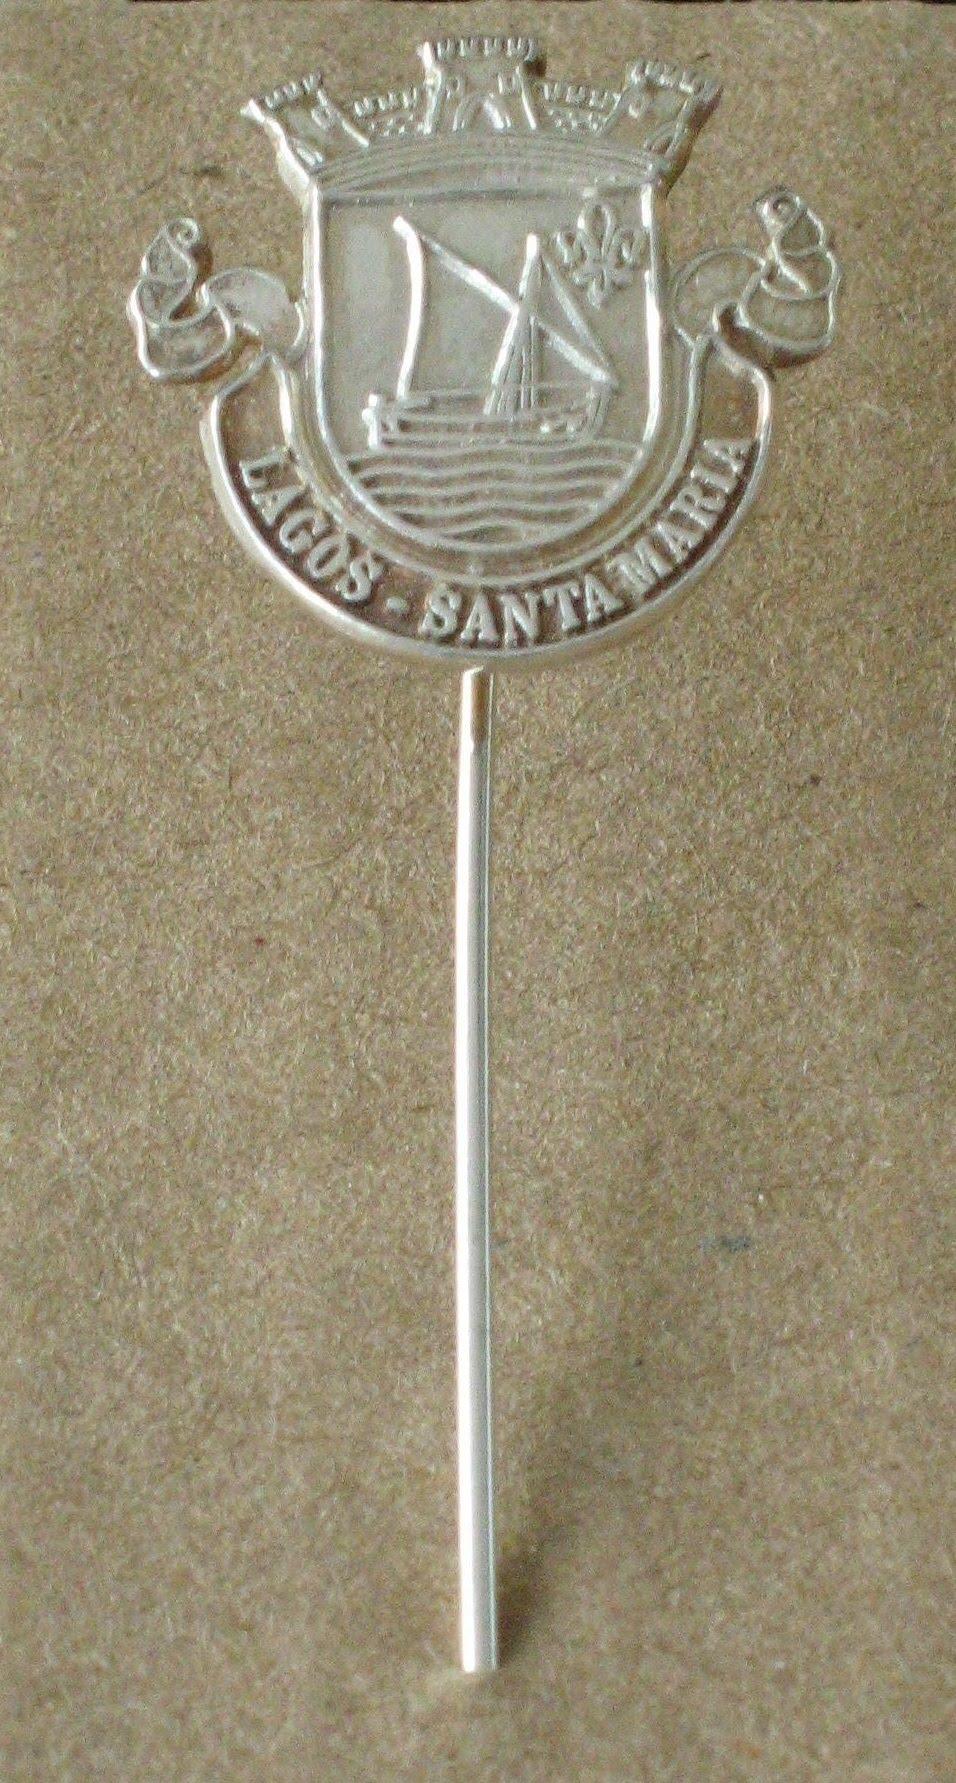 Alfinete de lapela em prata Contraste - Bandeiras do Algarve